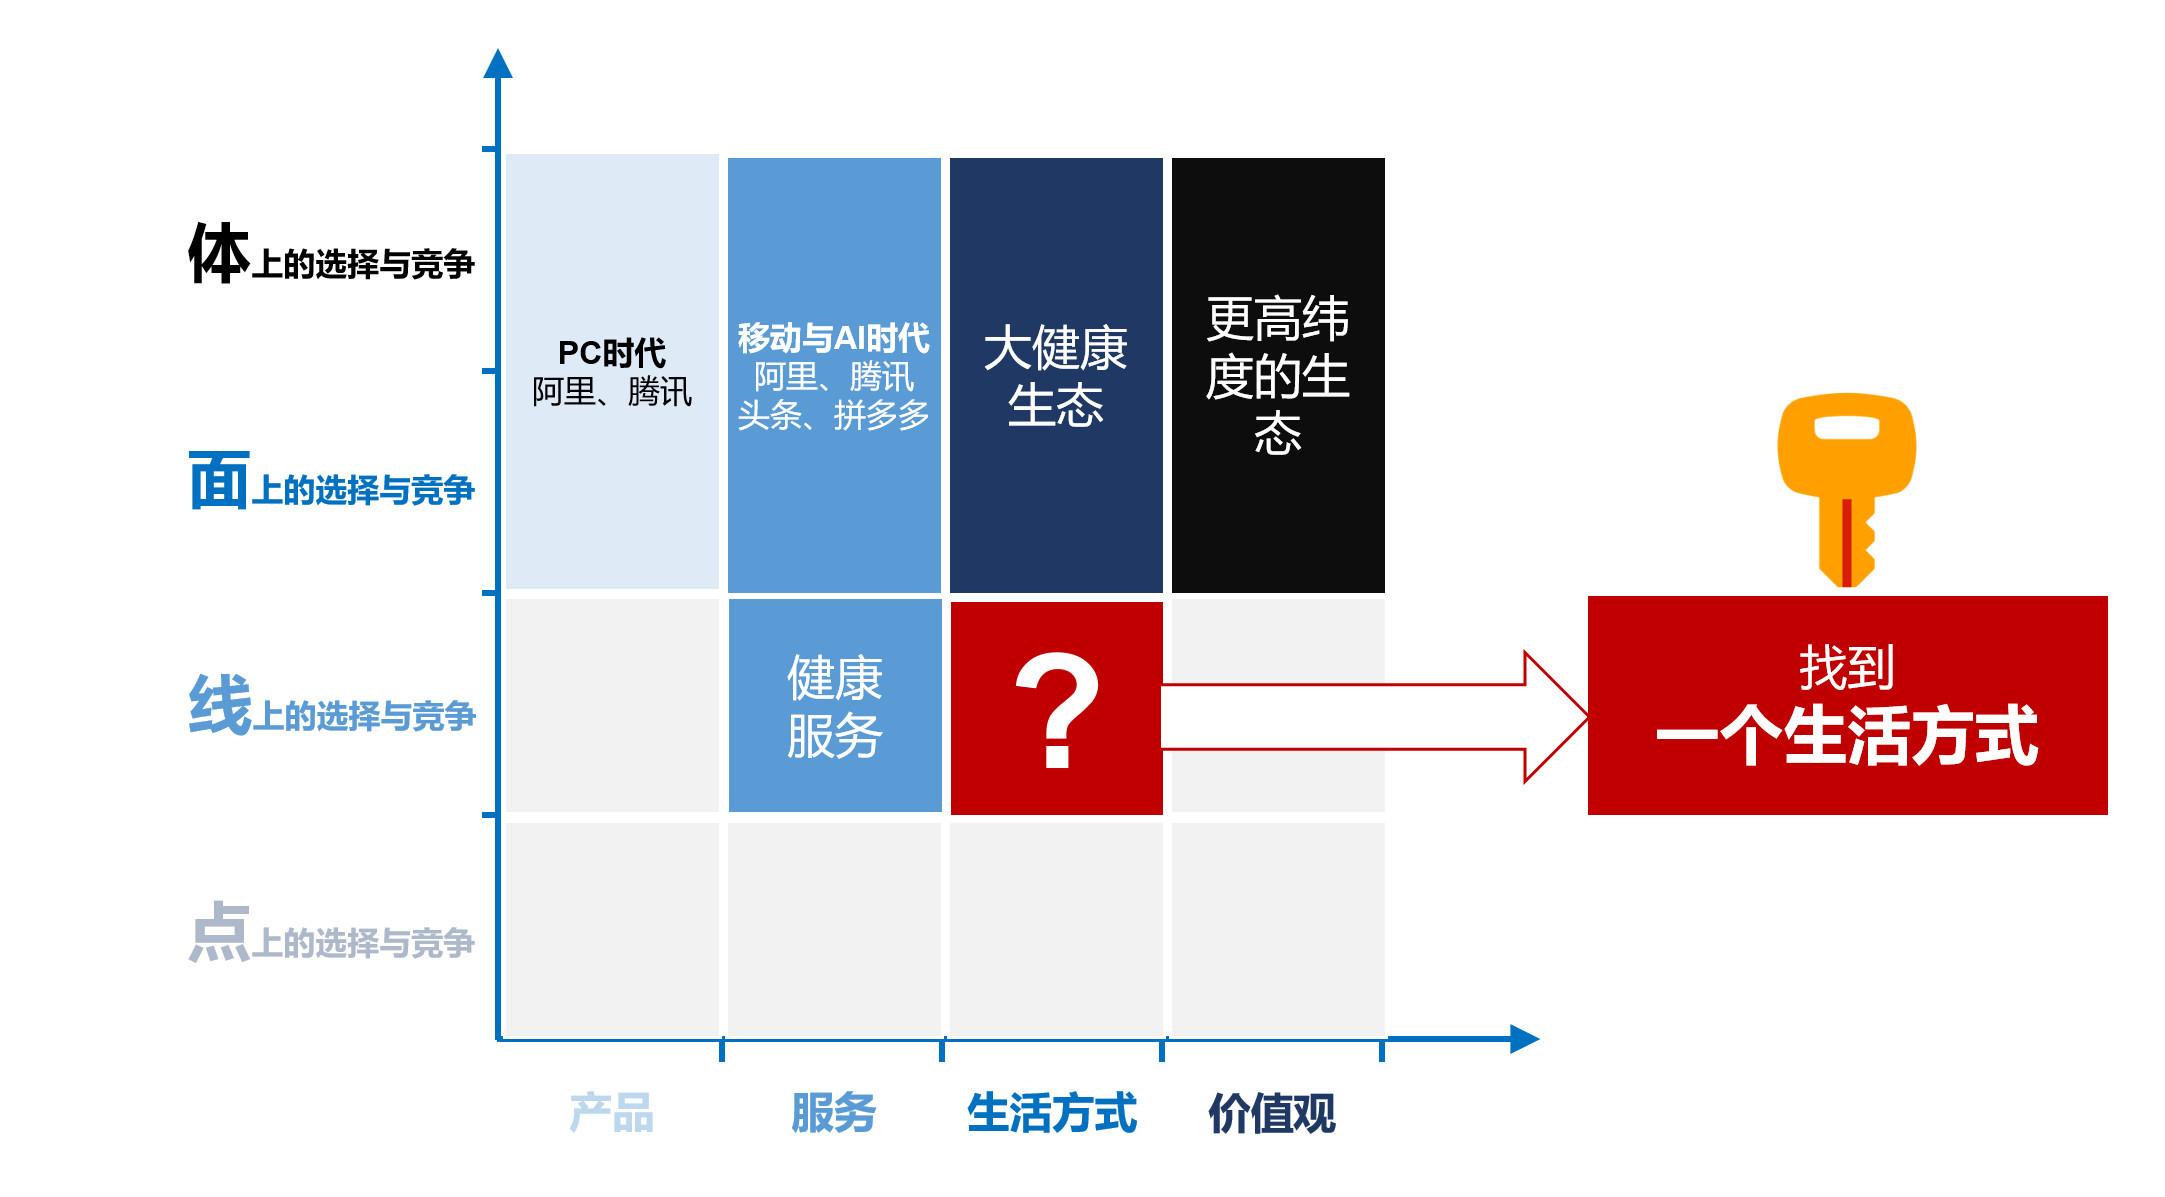 图15:一个生活方式的服务 来源:李有龙《保险业生态战略系列培训课程》